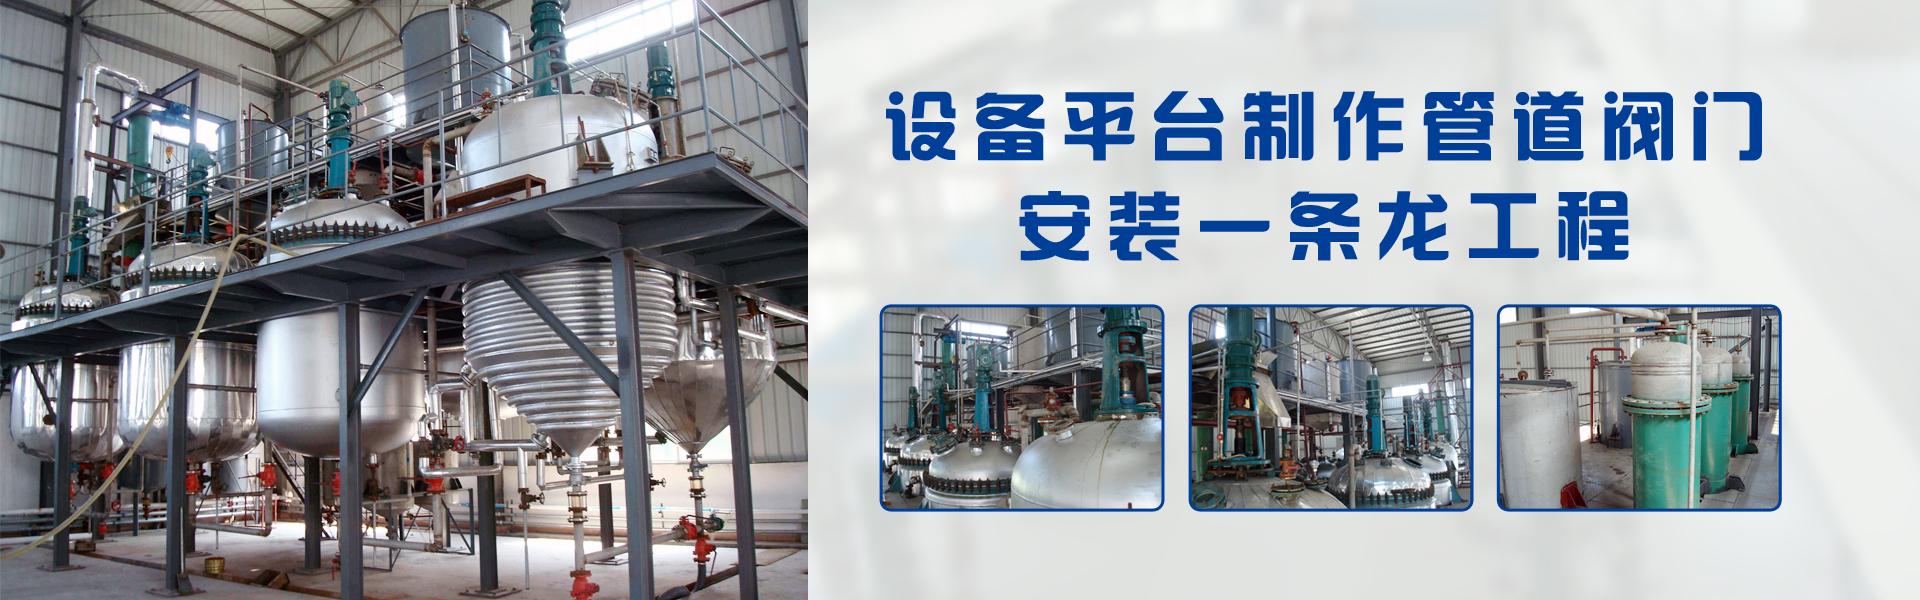 肇庆市正大化工机械设备有限公司专业从事特种机械设备制造,产品设备广泛应用于医药化工、日用化工、石油化工。